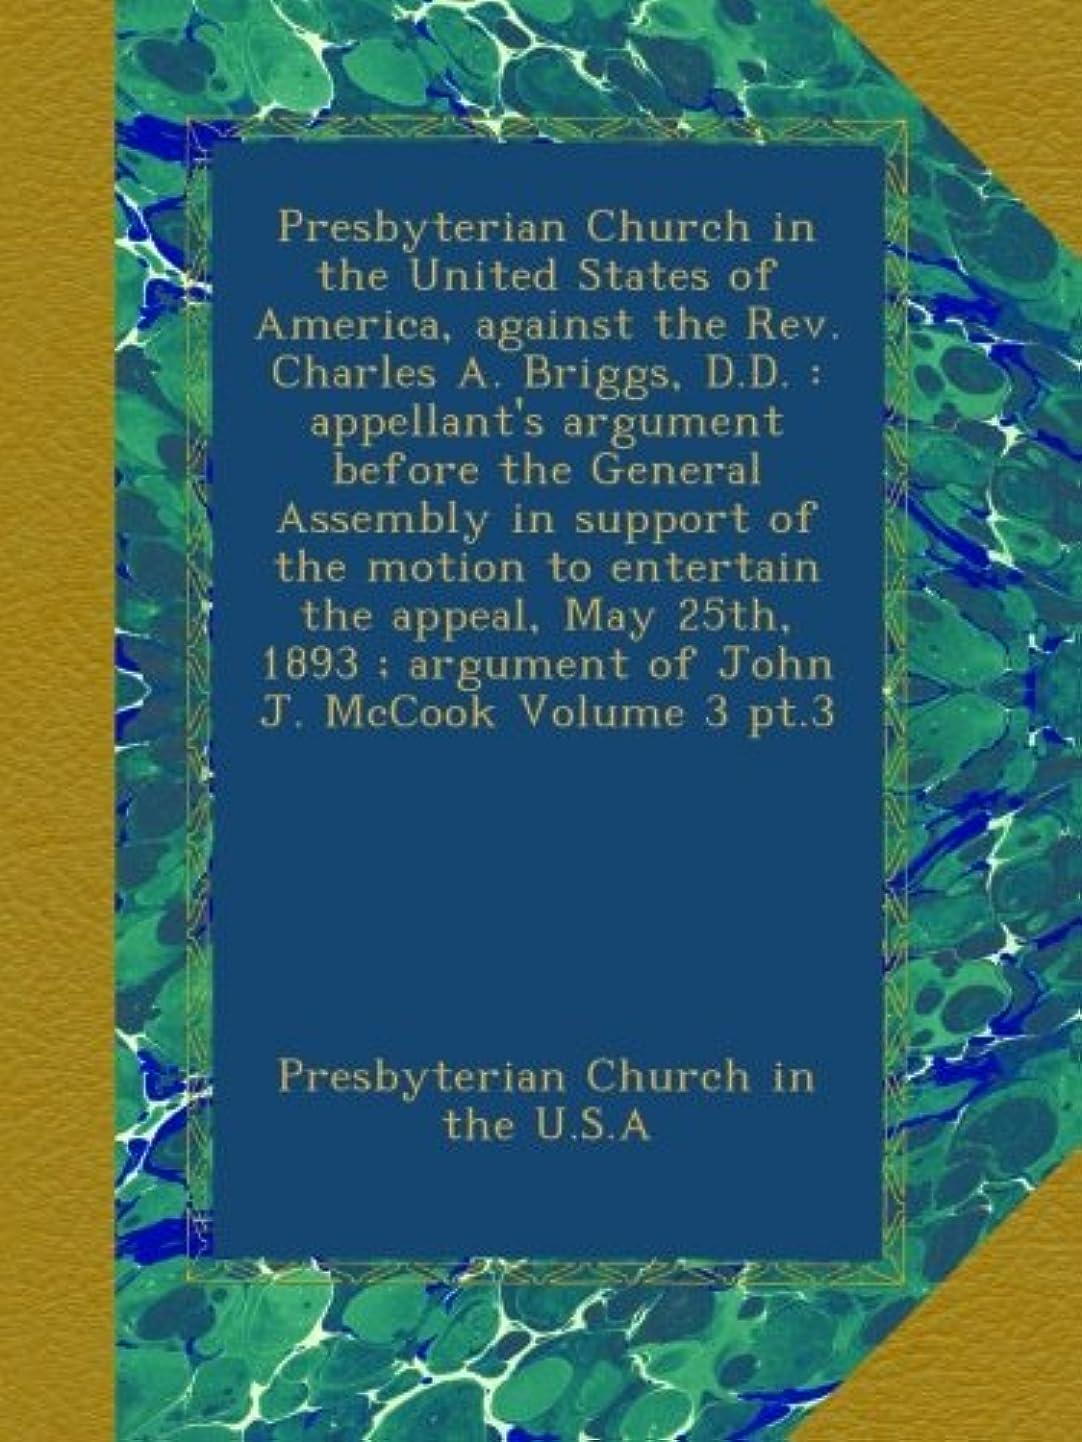 法廷評判酸度Presbyterian Church in the United States of America, against the Rev. Charles A. Briggs, D.D. : appellant's argument before the General Assembly in support of the motion to entertain the appeal, May 25th, 1893 ; argument of John J. McCook Volume 3 pt.3